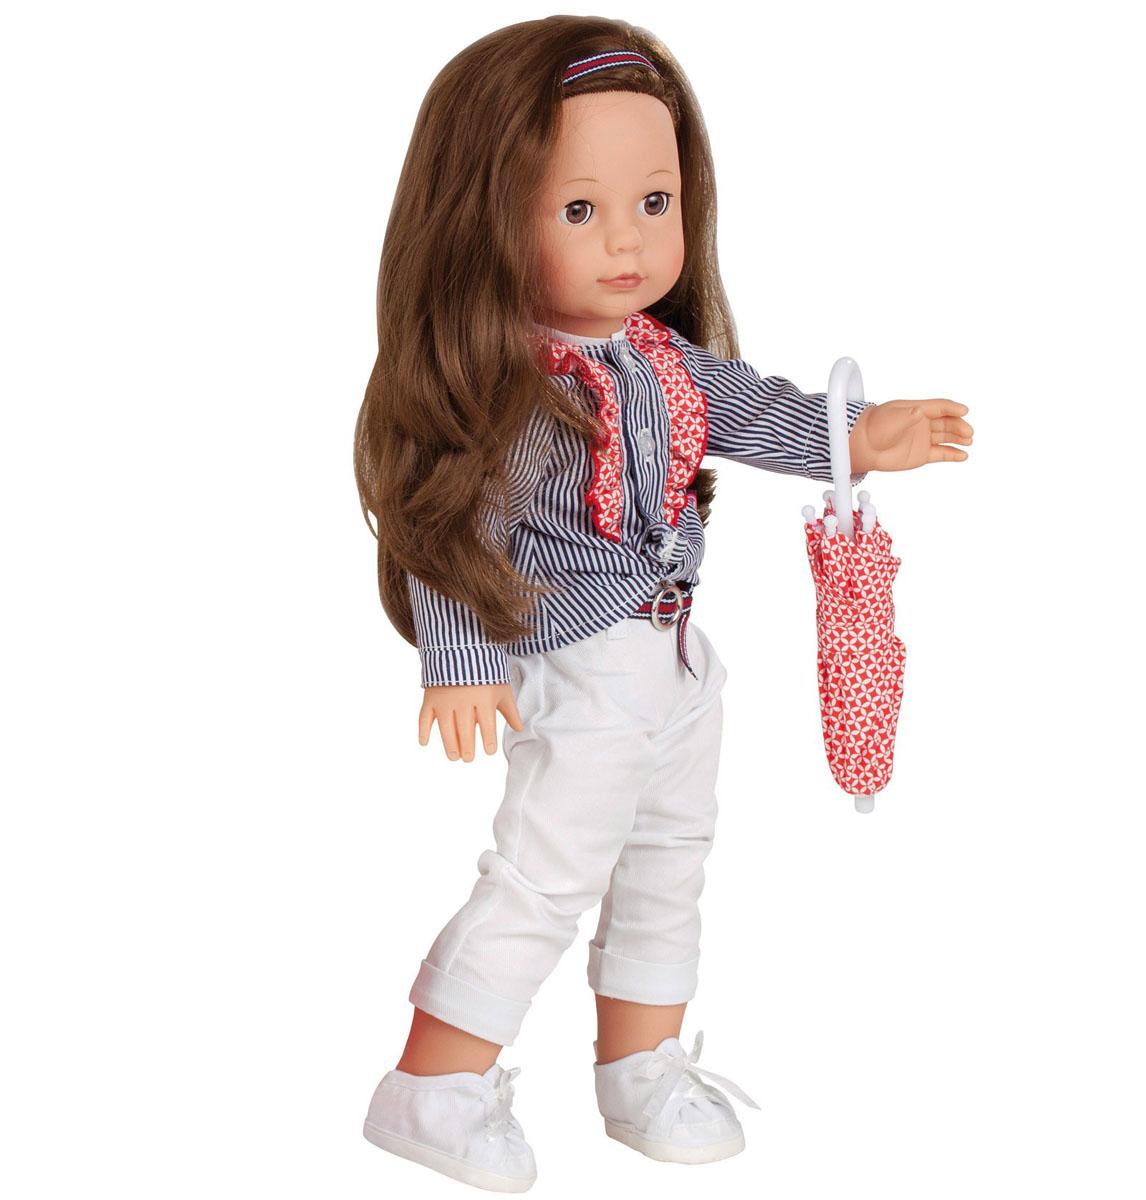 Gotz Кукла Елизавета1390351Очаровательная кукла Елизавета станет замечательным подарком для каждой девочки, а также опытных коллекционеров. С необычной куклой, которая так похожа на настоящую девочку, можно проводить много времени вместе, придумывая увлекательные сюжеты для игр. Кукла Gotz с виниловым подвижным телом подходит для активных игр дома и на улице. У игрушки темные, густые волосы, которые позволяют делать прически, расчесывать и мыть ей голову. Елизавета одета в стильный наряд, состоящий из пестрой рубашки с рюшами, белых брючек с поясом. На голове у нее - повязка в тон костюму, на ножках - белые кедики. В комплекте с куколкой есть красивый зонт-трость. Реалистичные черты лица и большие глазки с ресницами позволяют ребенку погрузиться в атмосферу игр по настоящему сценарию, повторять сюжеты из жизни и заботиться о маленькой девочке.